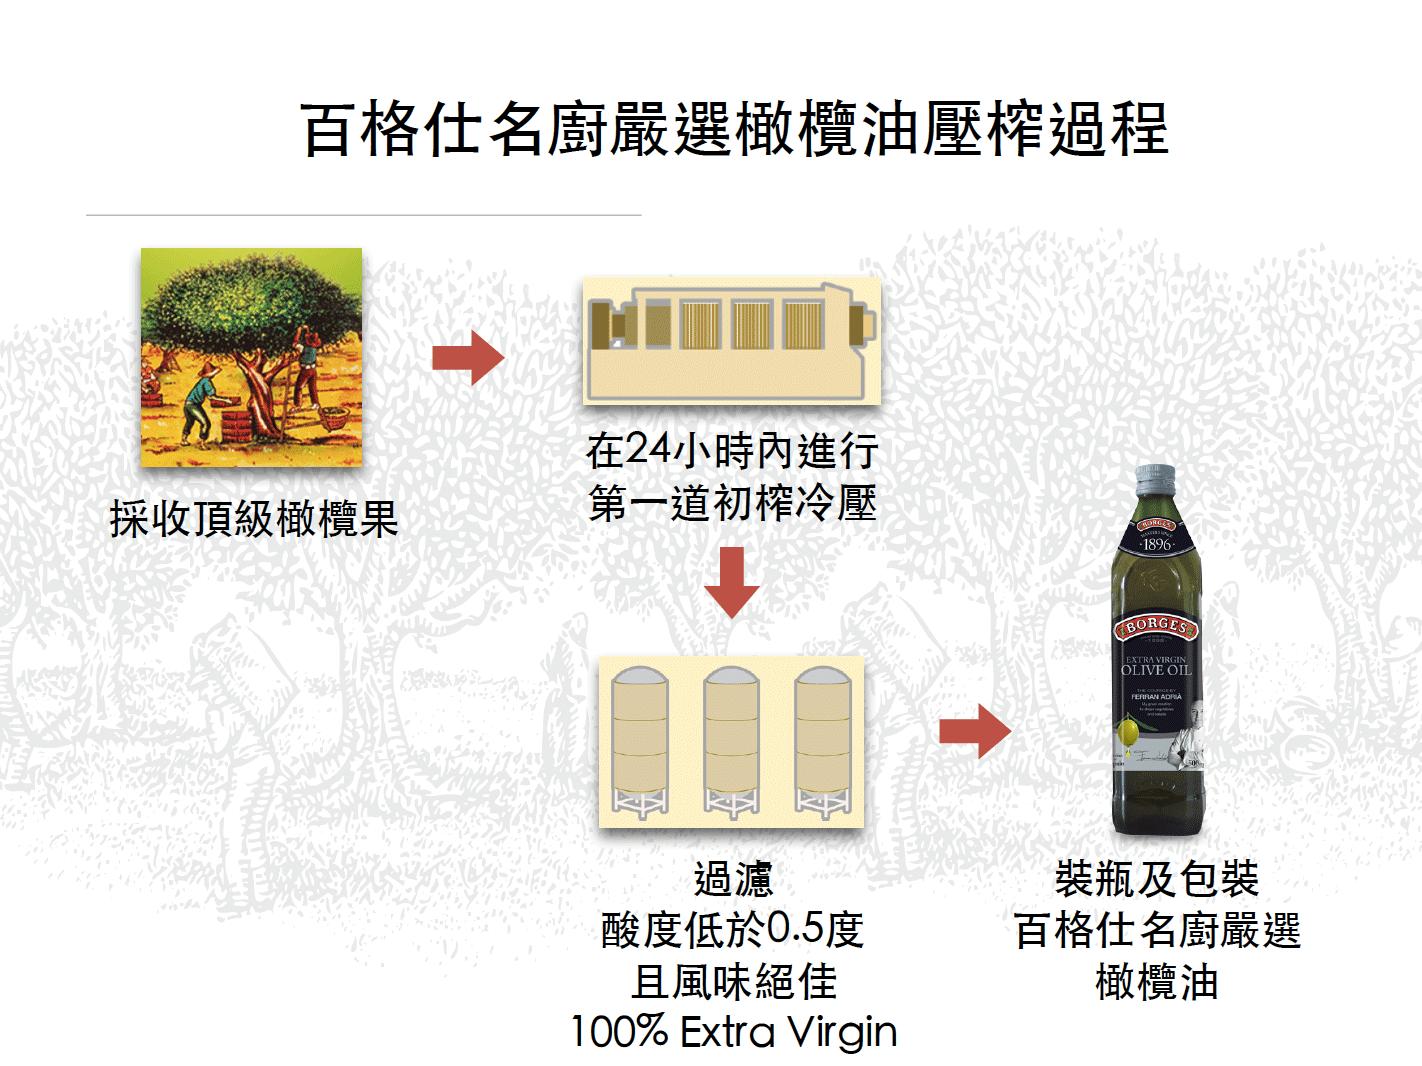 百格仕名廚嚴選橄欖油壓榨過程